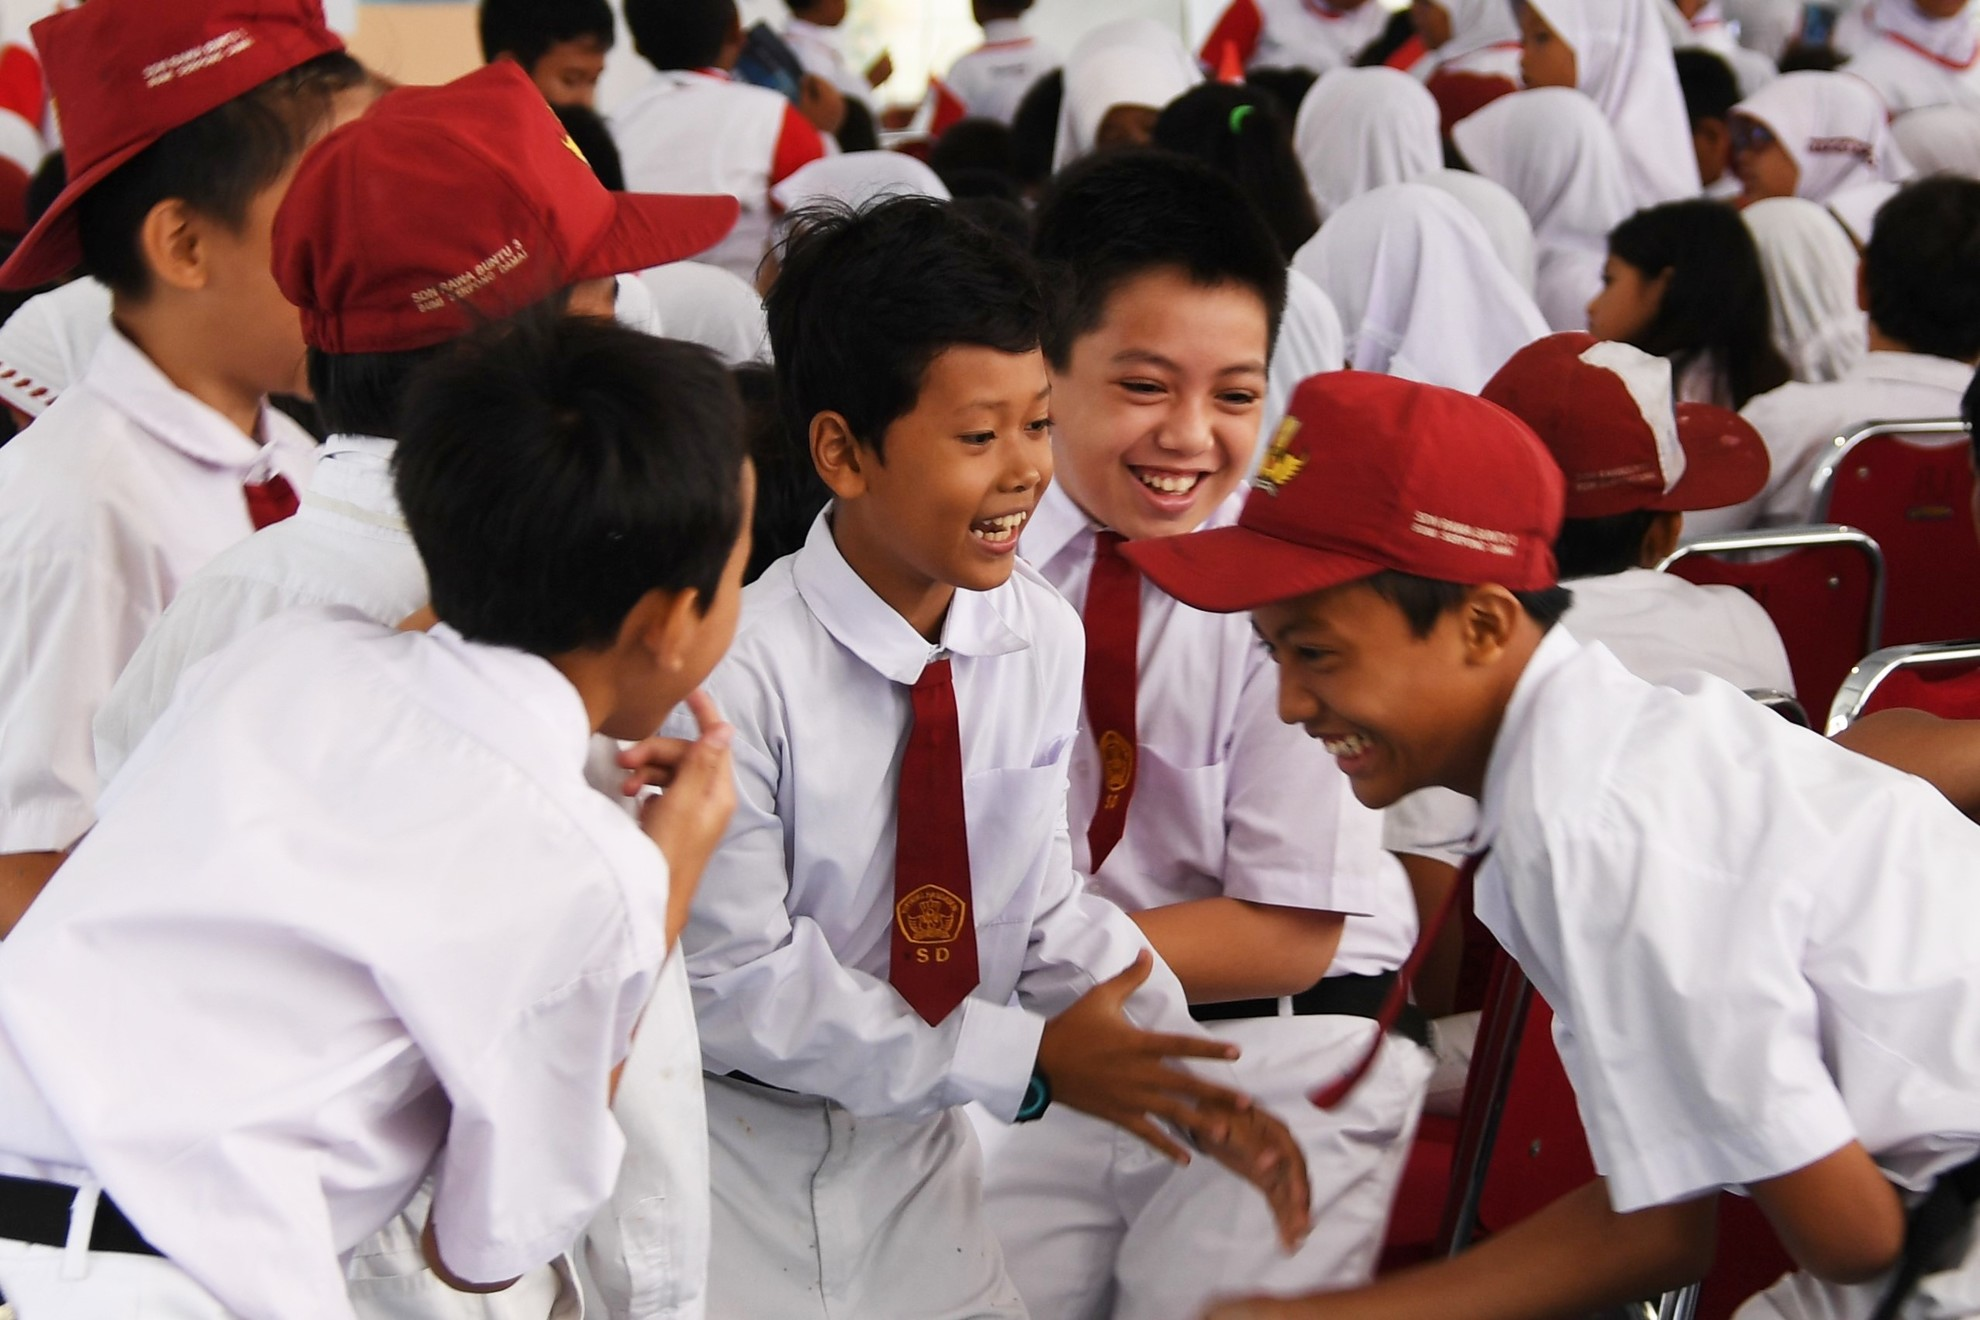 Sejumlah siswa bercanda pada sebelum acara resmi Hari Gigi dan Mulut Sedunia 2017 dimulai. Acara dilaksanakan di SDN Rawa Buntu 03, Tangerang Selatan, Senin (20/3).